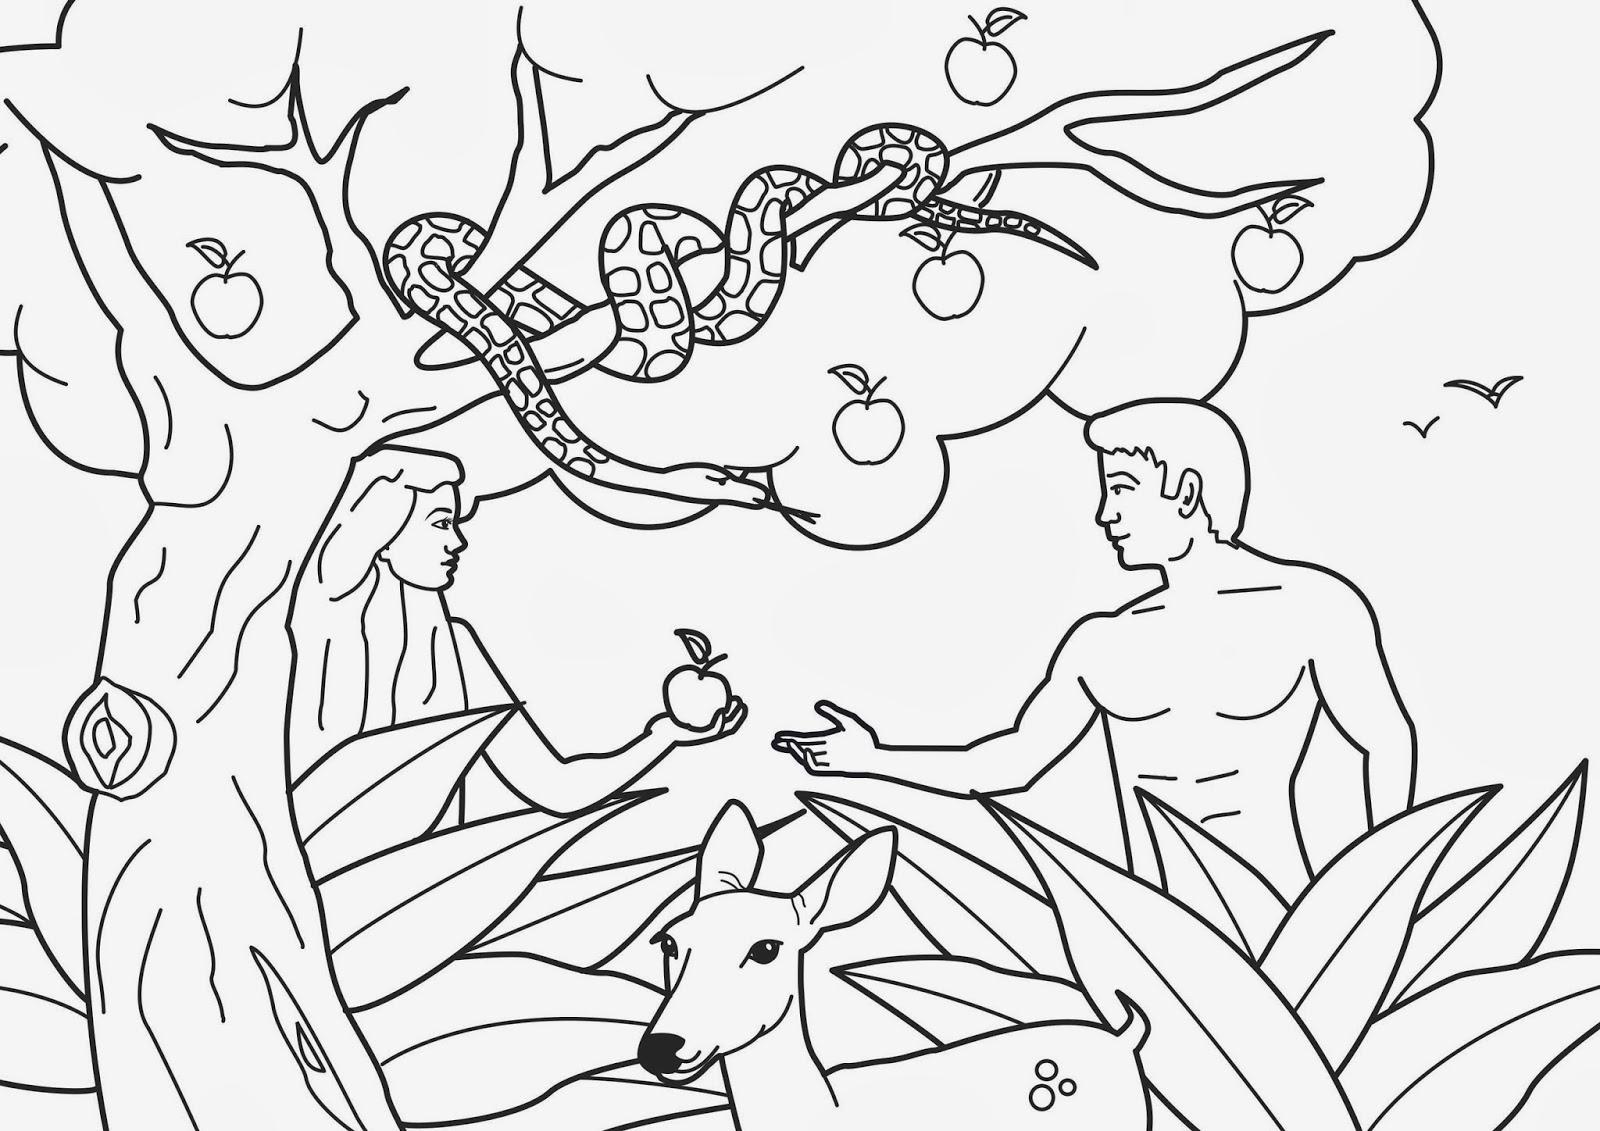 Imagenes Cristianas Para Colorear: Dibujos Para Colorear De Adan y Eva